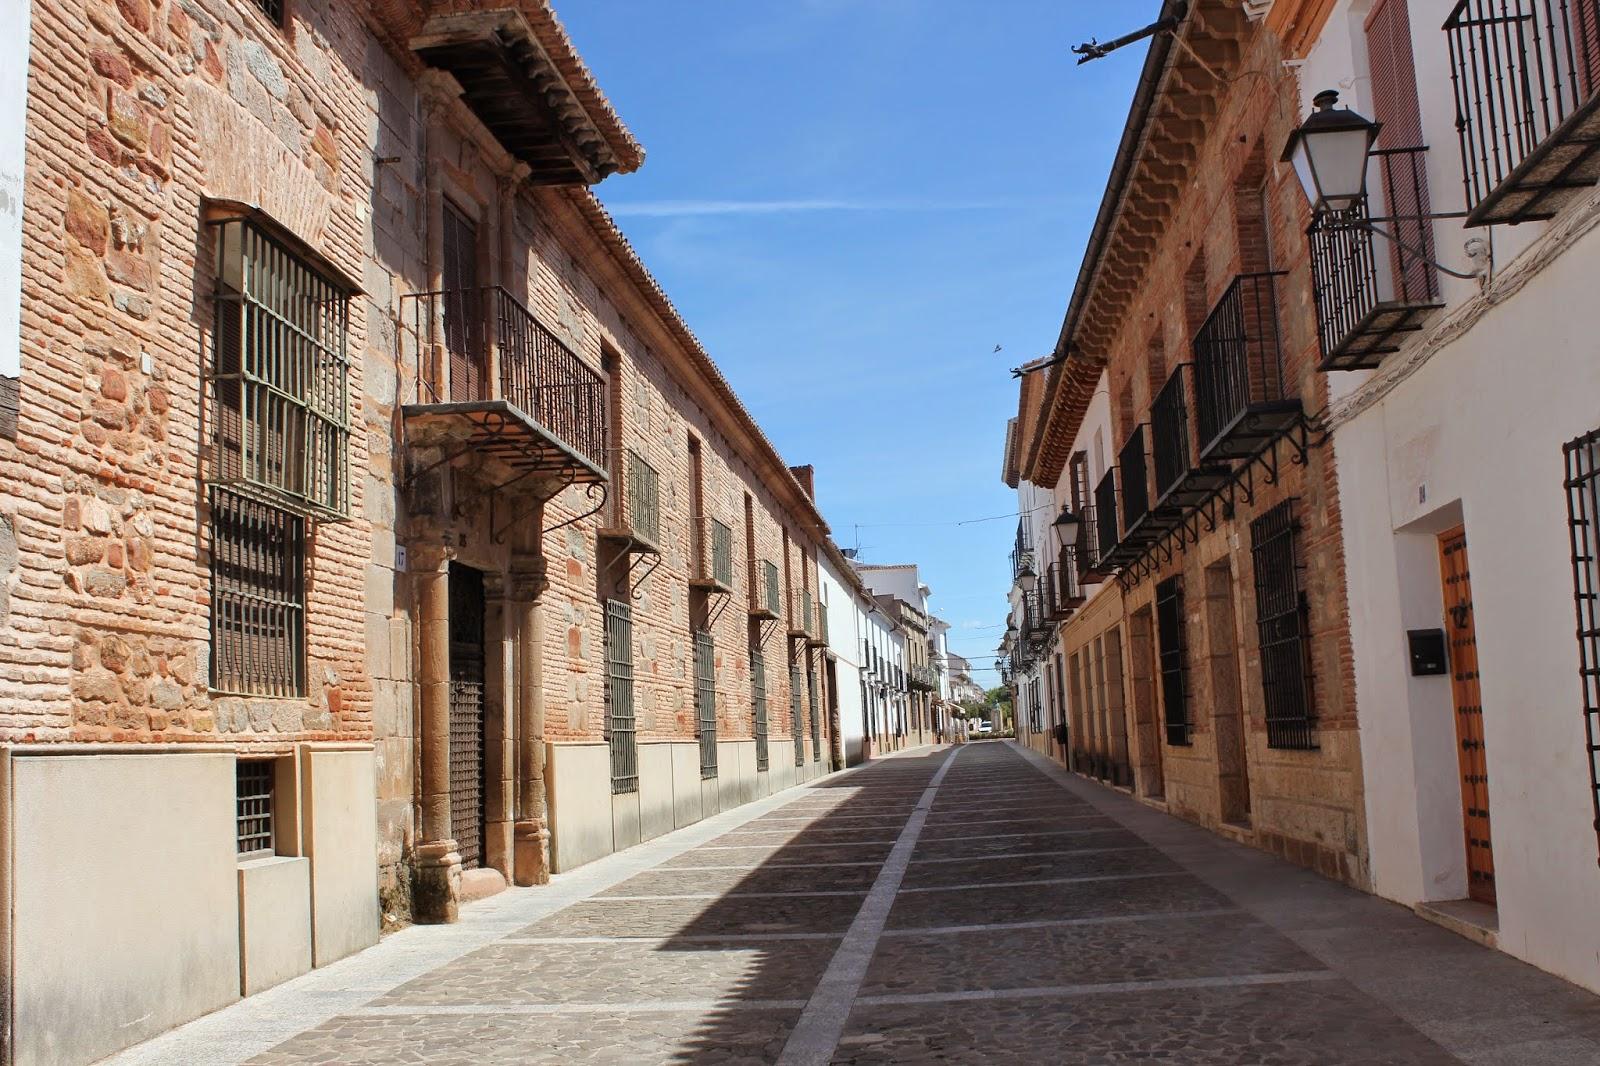 De valdepe as a santa cruz de mudela pasando por villanueva de los infantes - El escondite calle villanueva ...